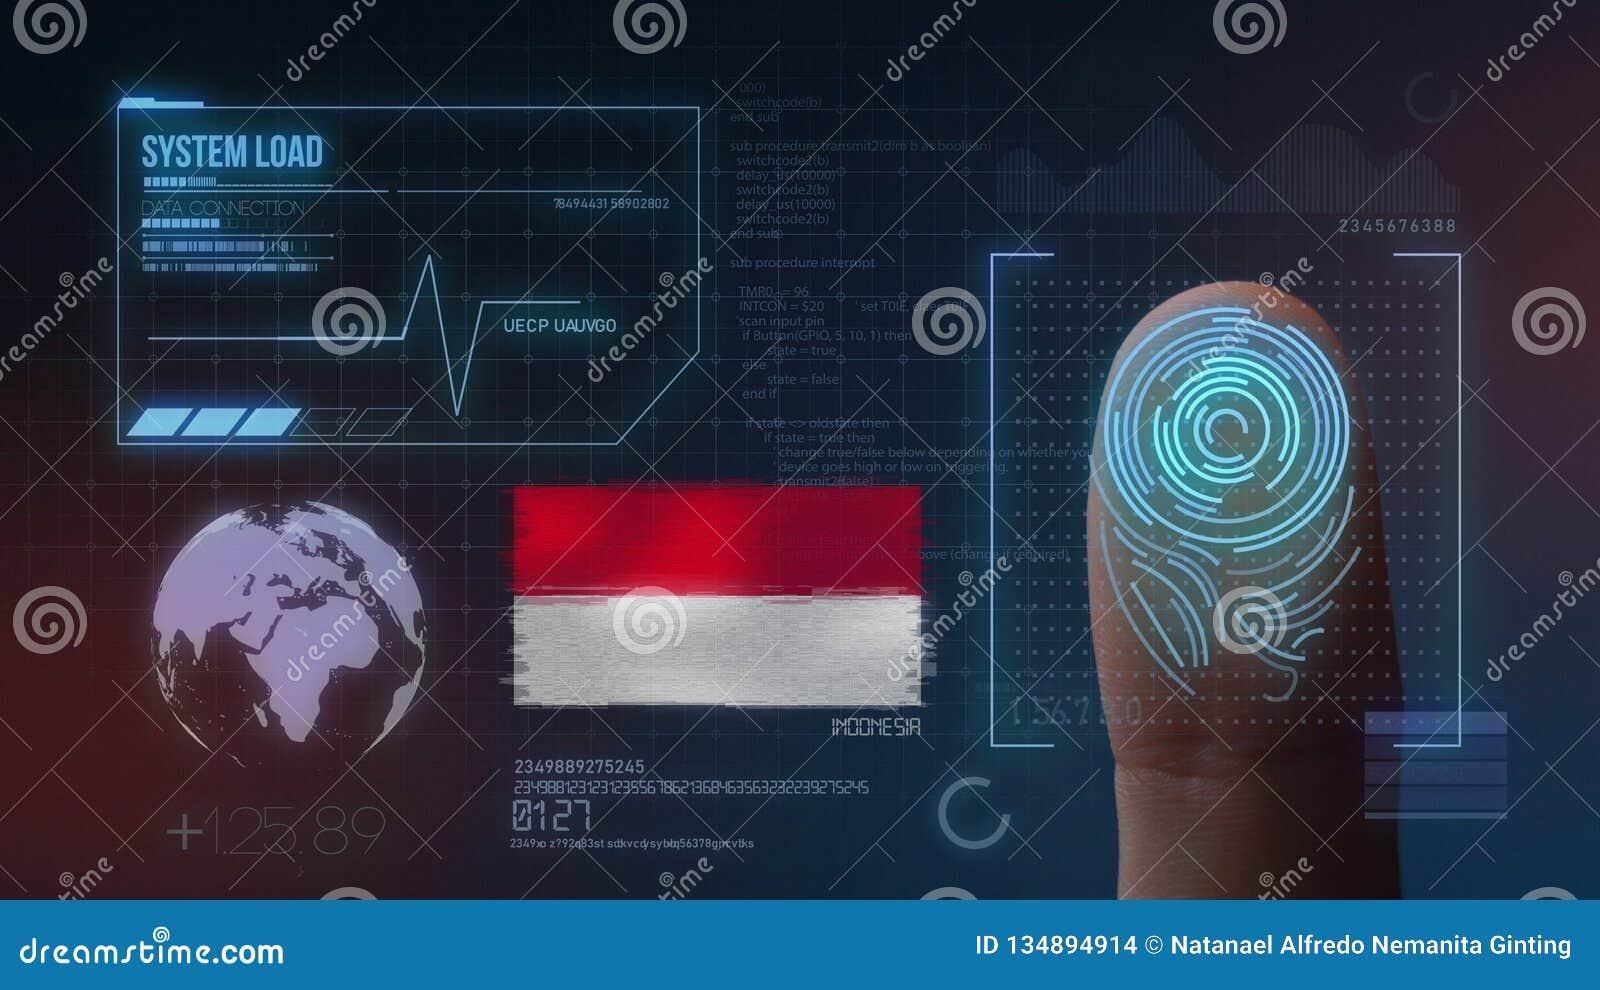 Sistema de identificación de exploración biométrico de la huella dactilar Nacionalidad de Indonesia